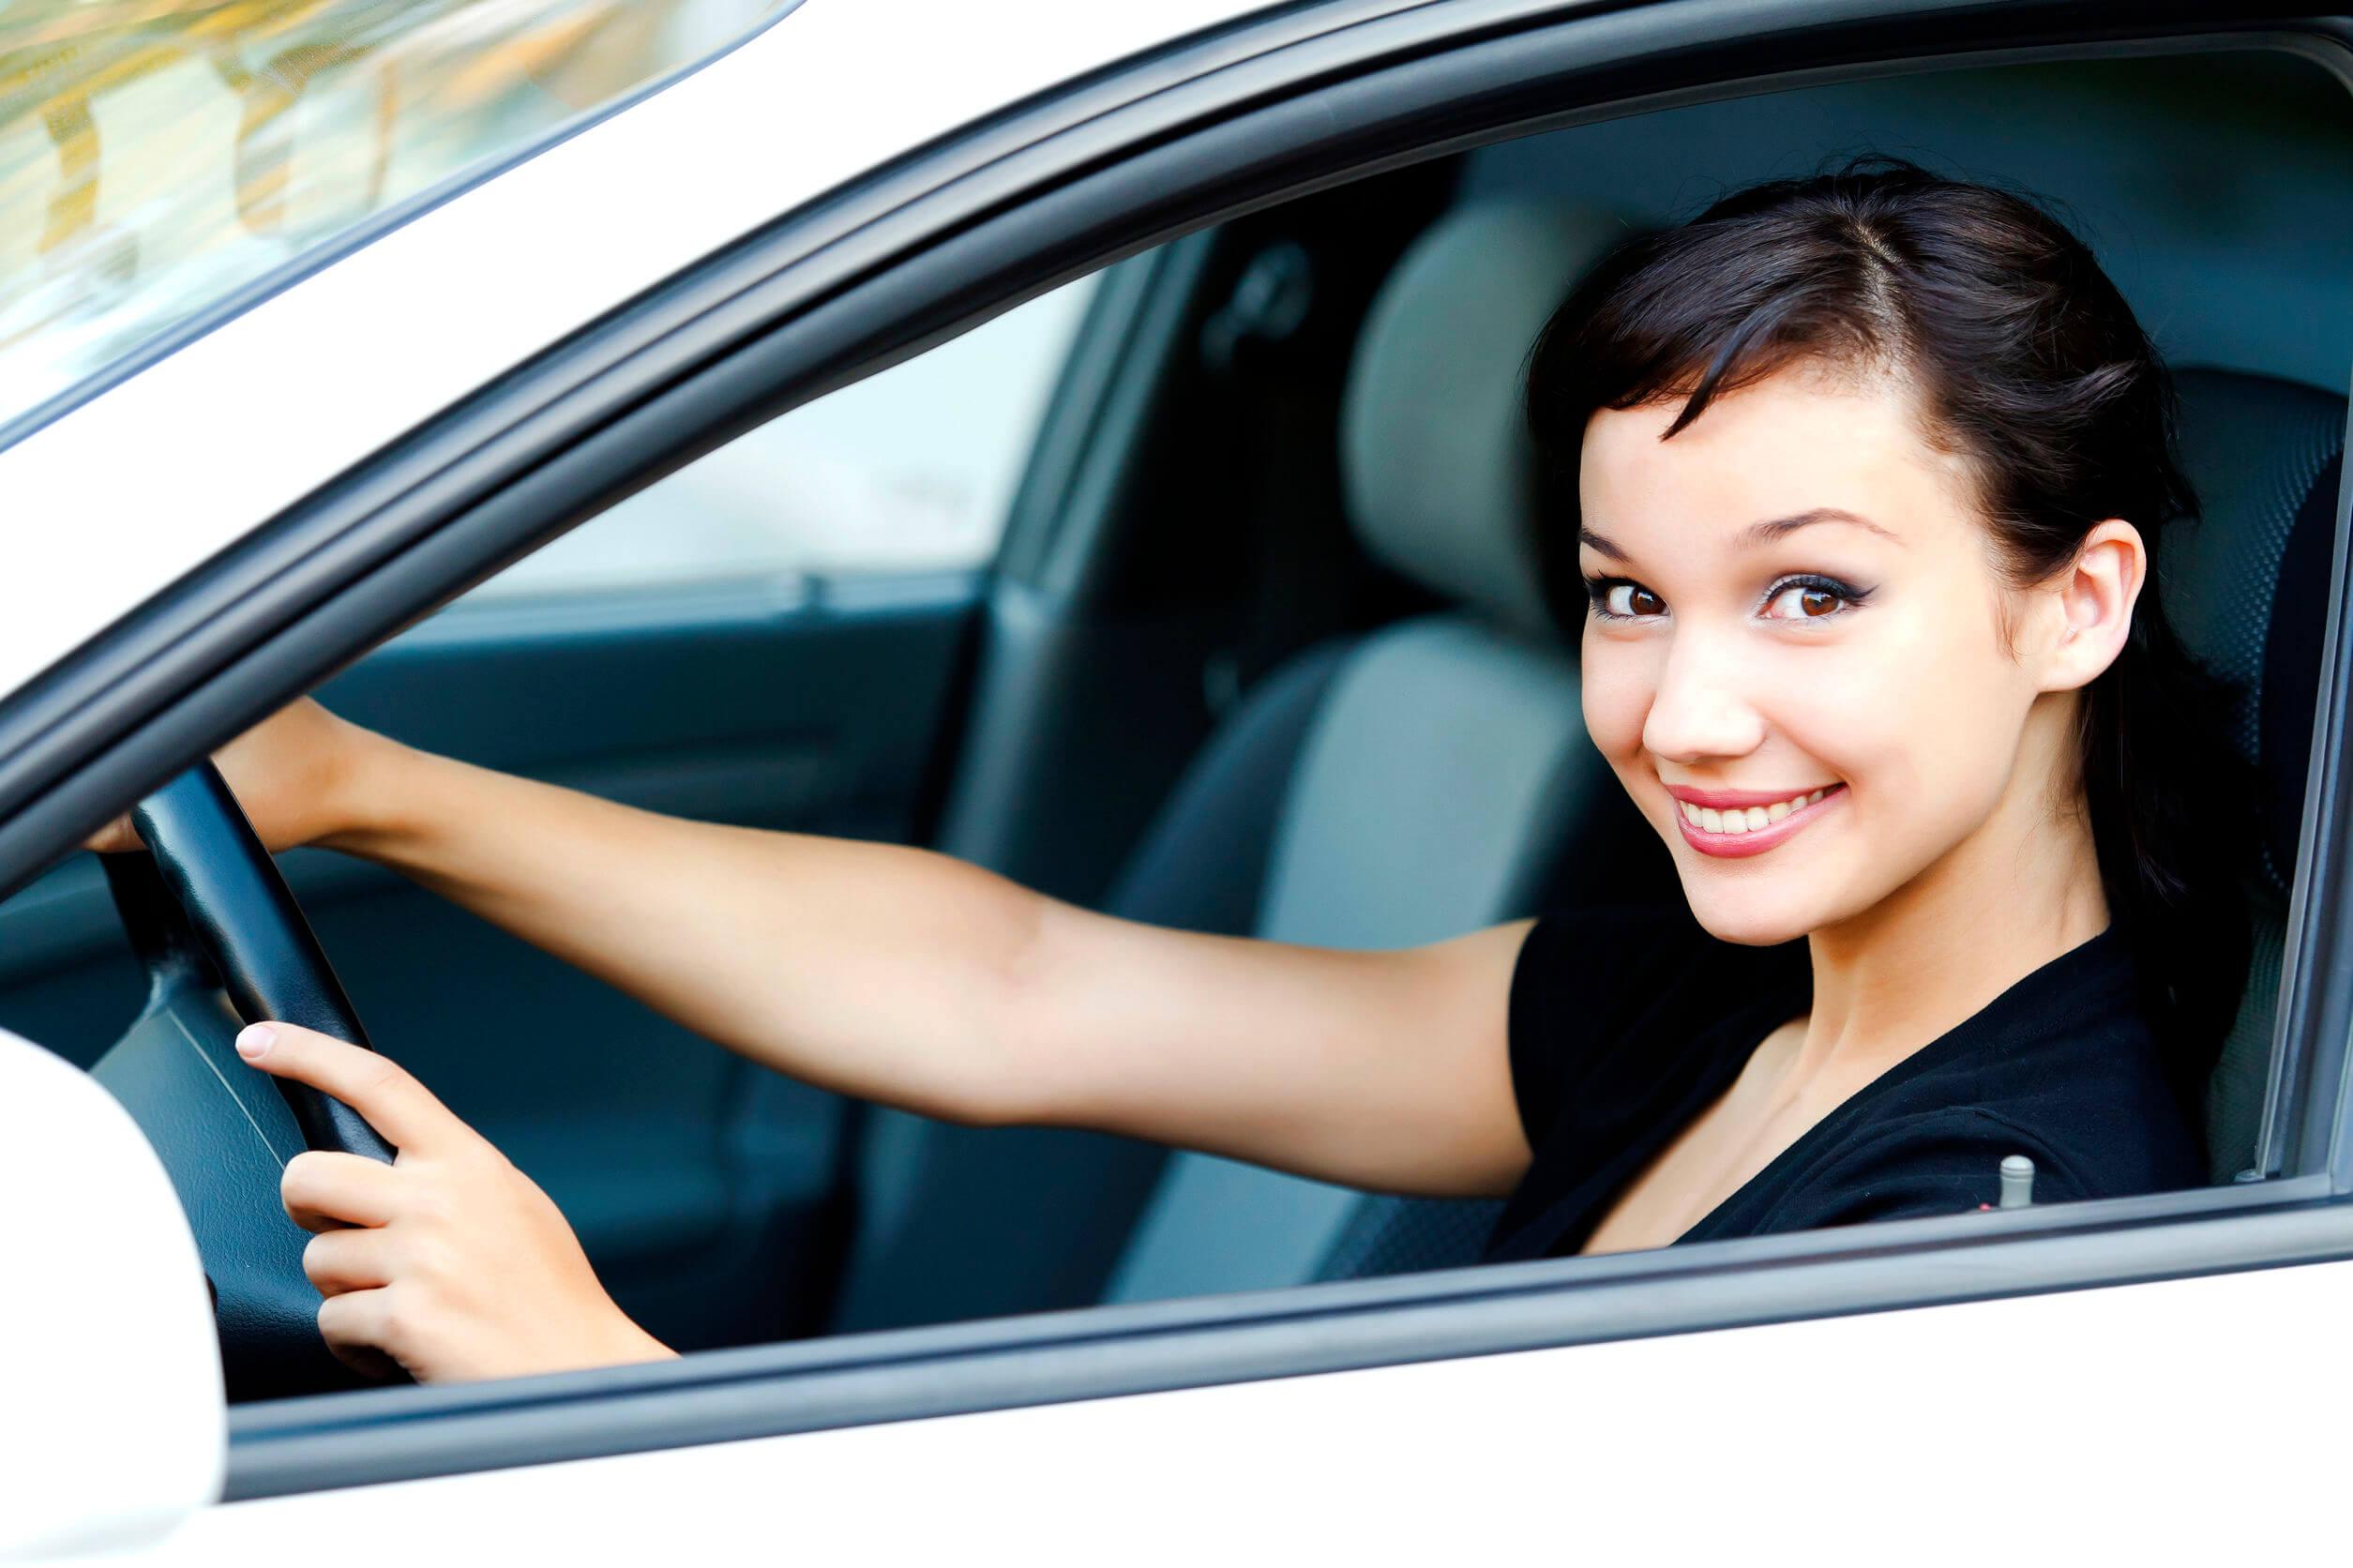 ביטוח רכב לתקופה קצרה